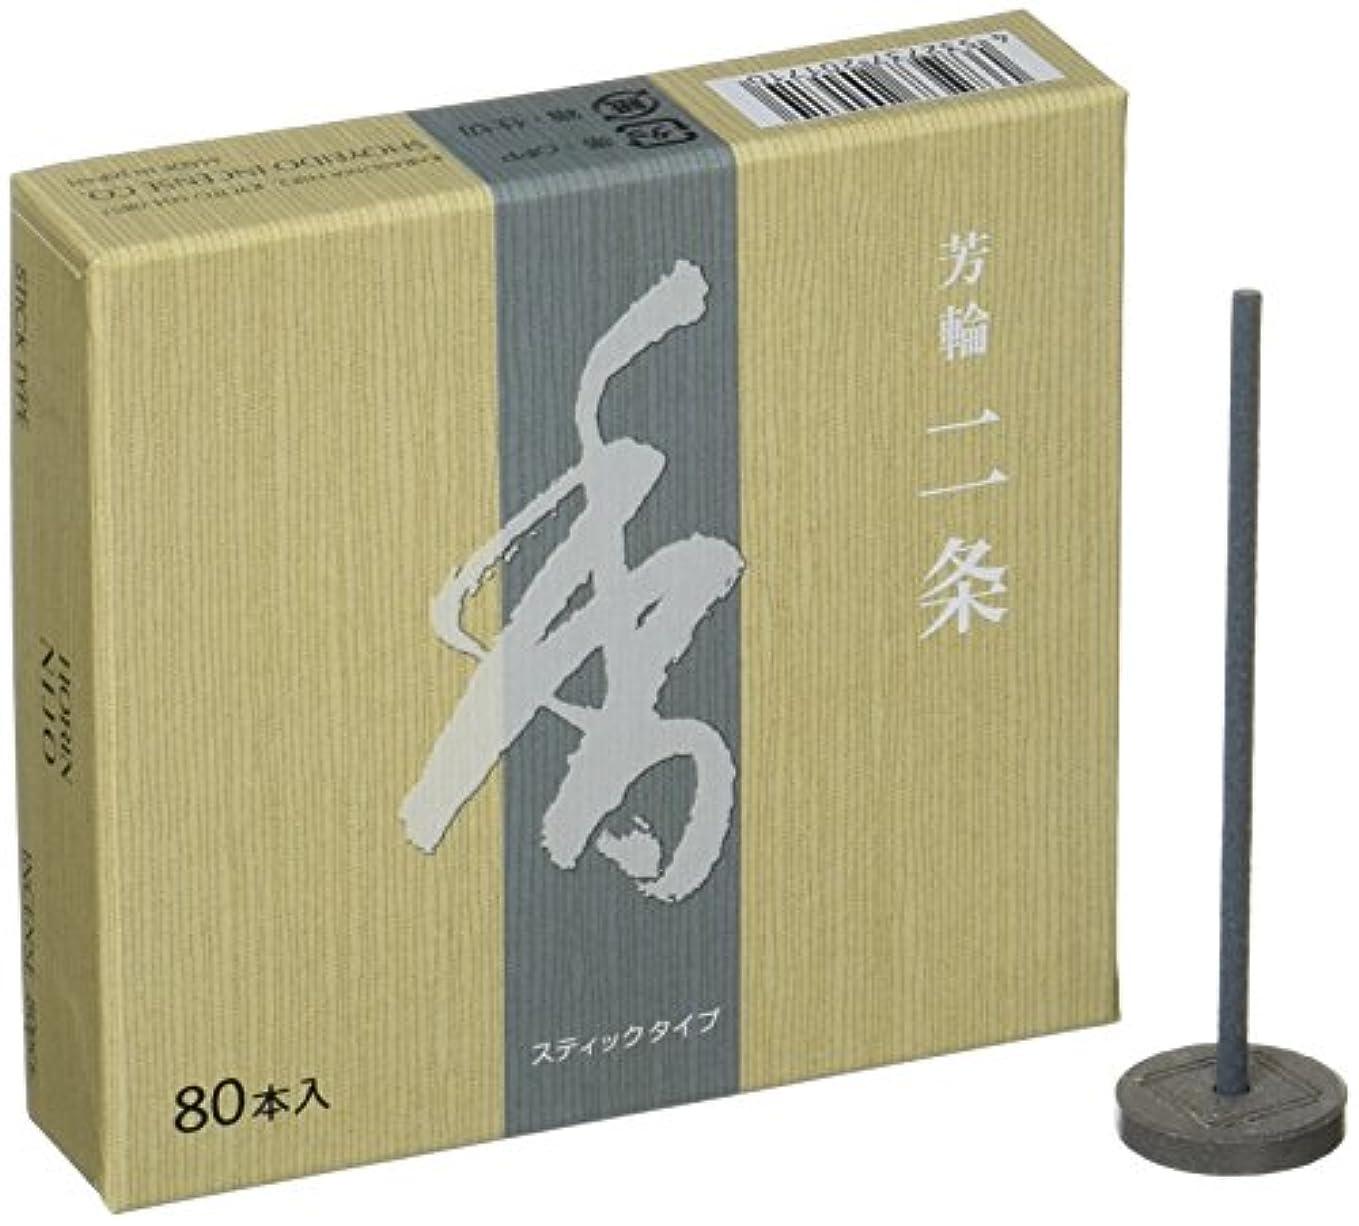 そこ素晴らしいです松明松栄堂 芳輪 二条 スティック型 80本入